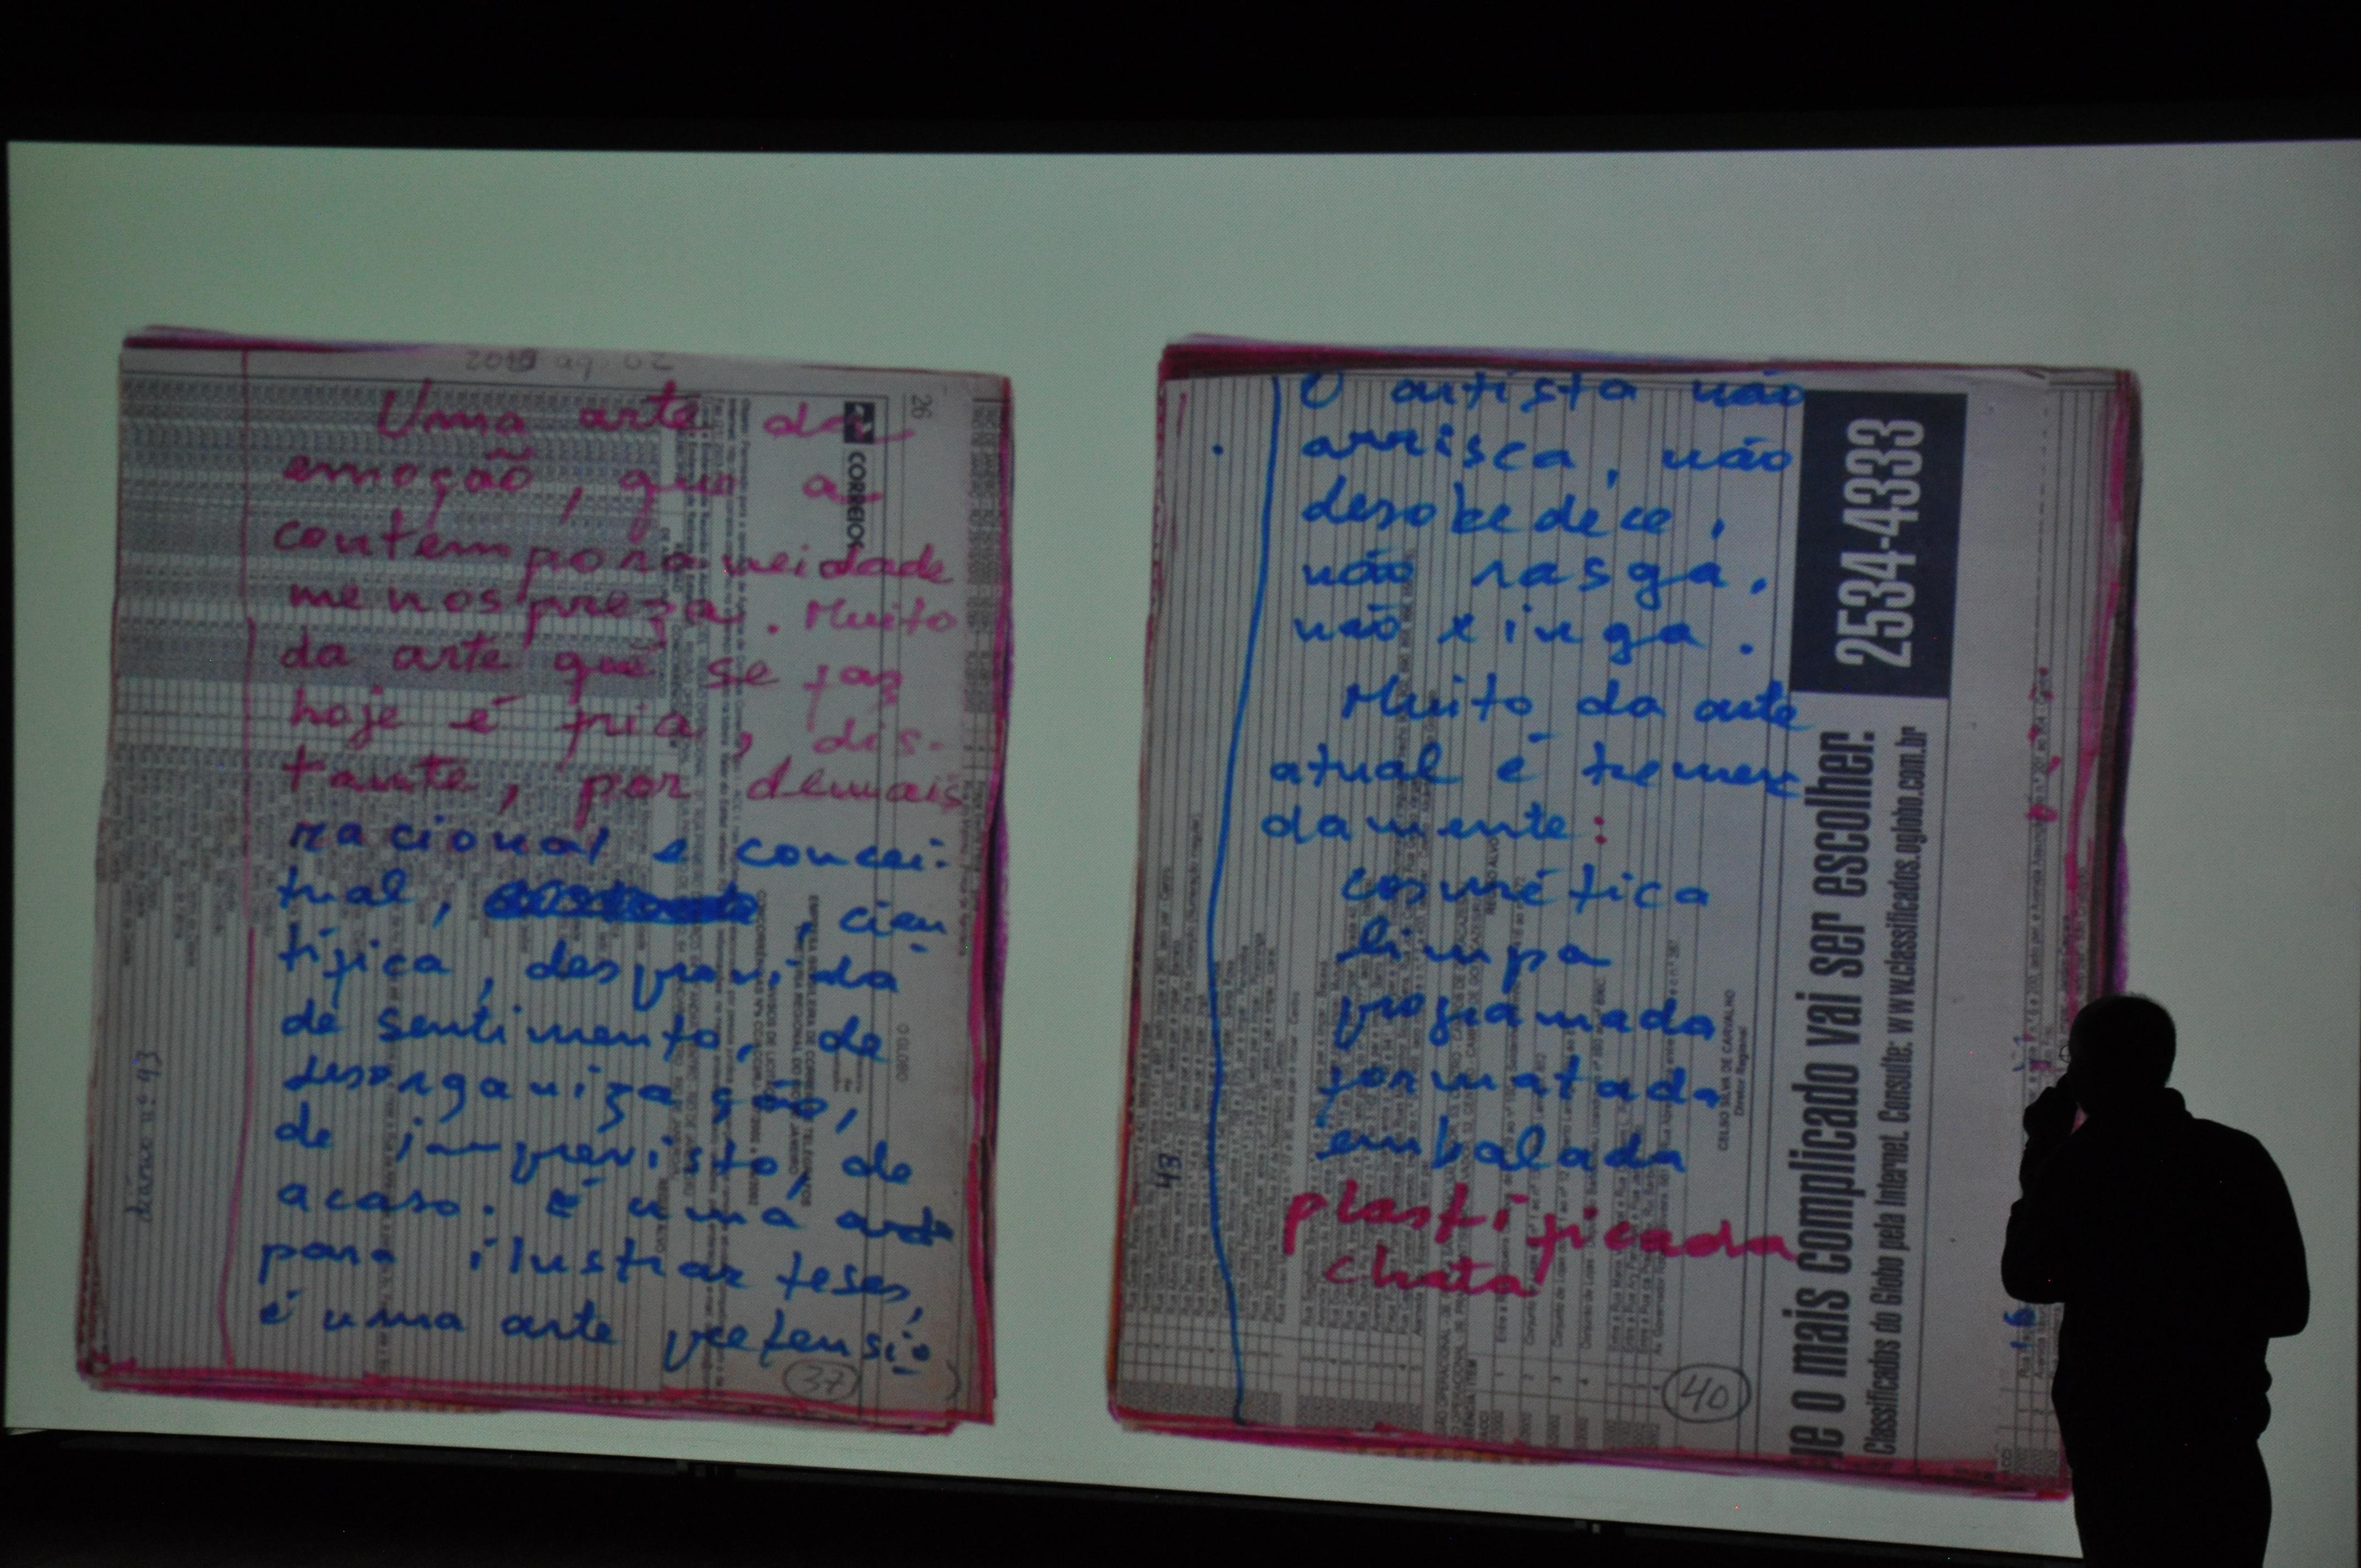 Joaquim Paiva abre as páginas de seus diários para o público no Foto em Pauta. (Foto: Scarlet Freitas e Vanessa Vicente/VAN)